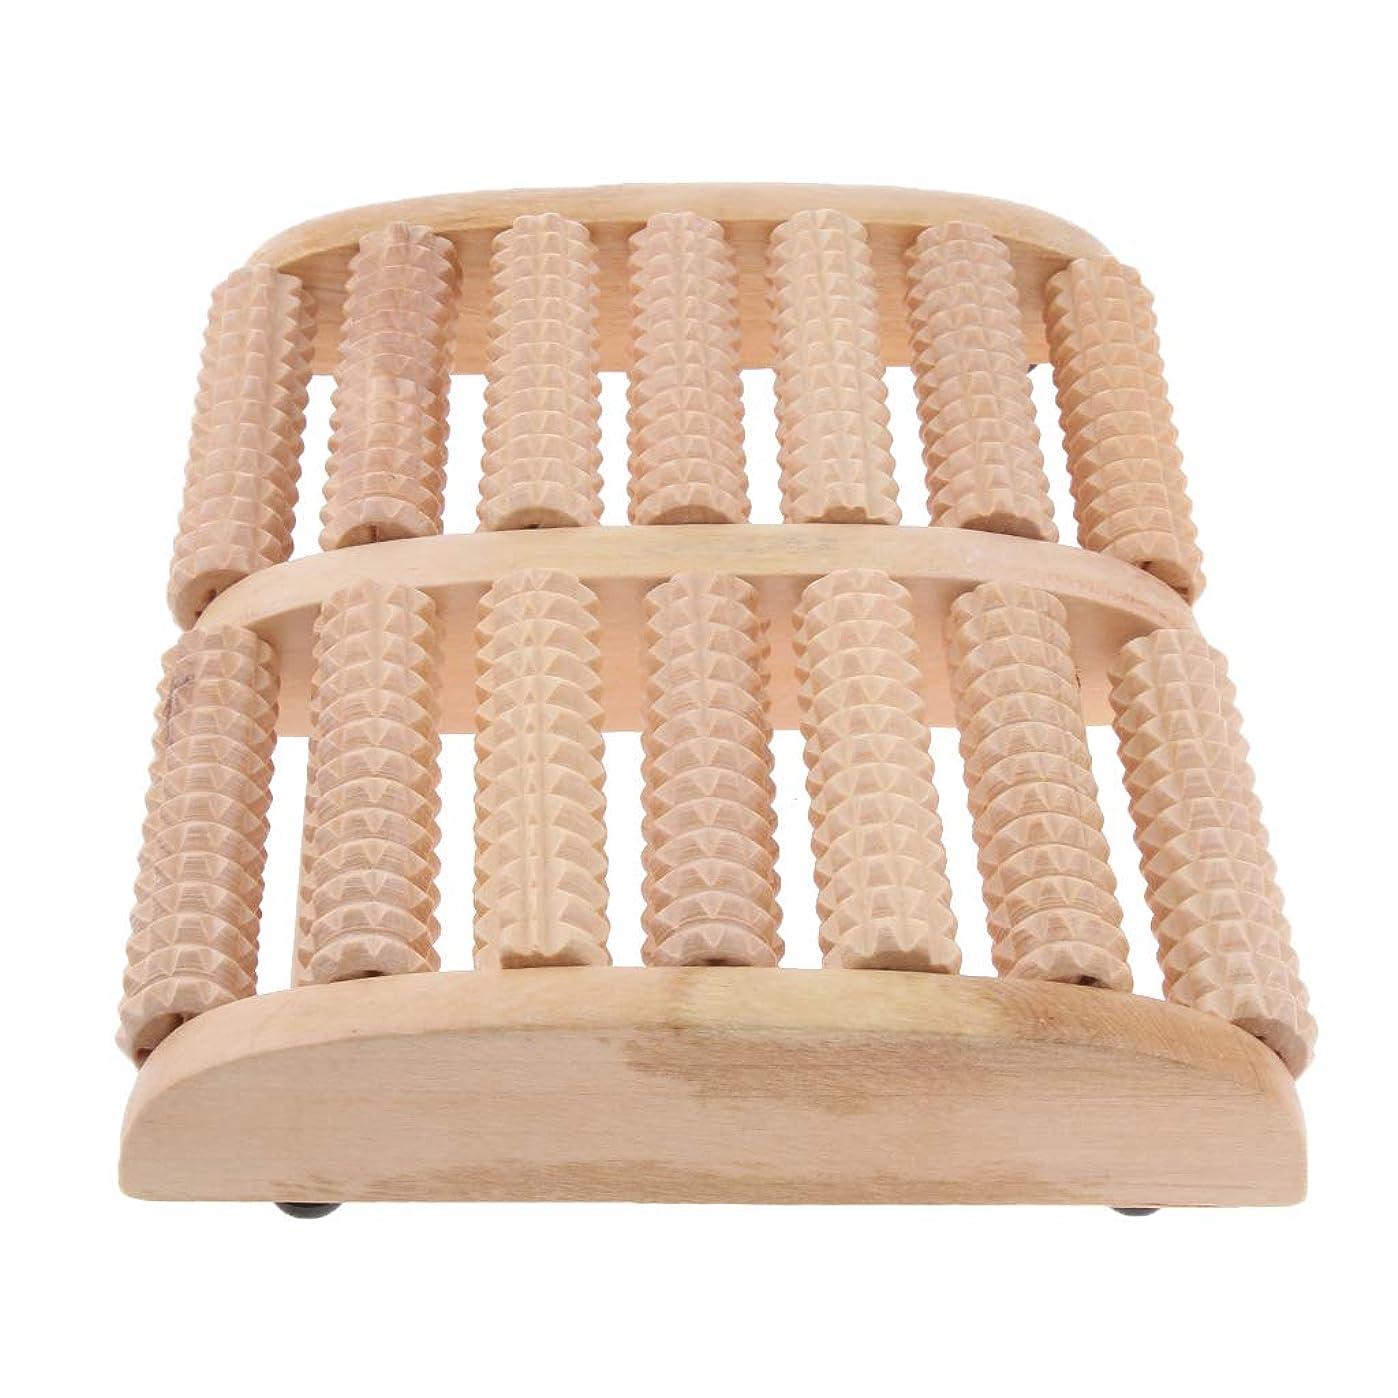 保険不毛仕様IPOTCH マッサージローラー 7行 自然木製 足踏み フットマッサージ ツボ押し 痛み緩和 健康器具 高品質